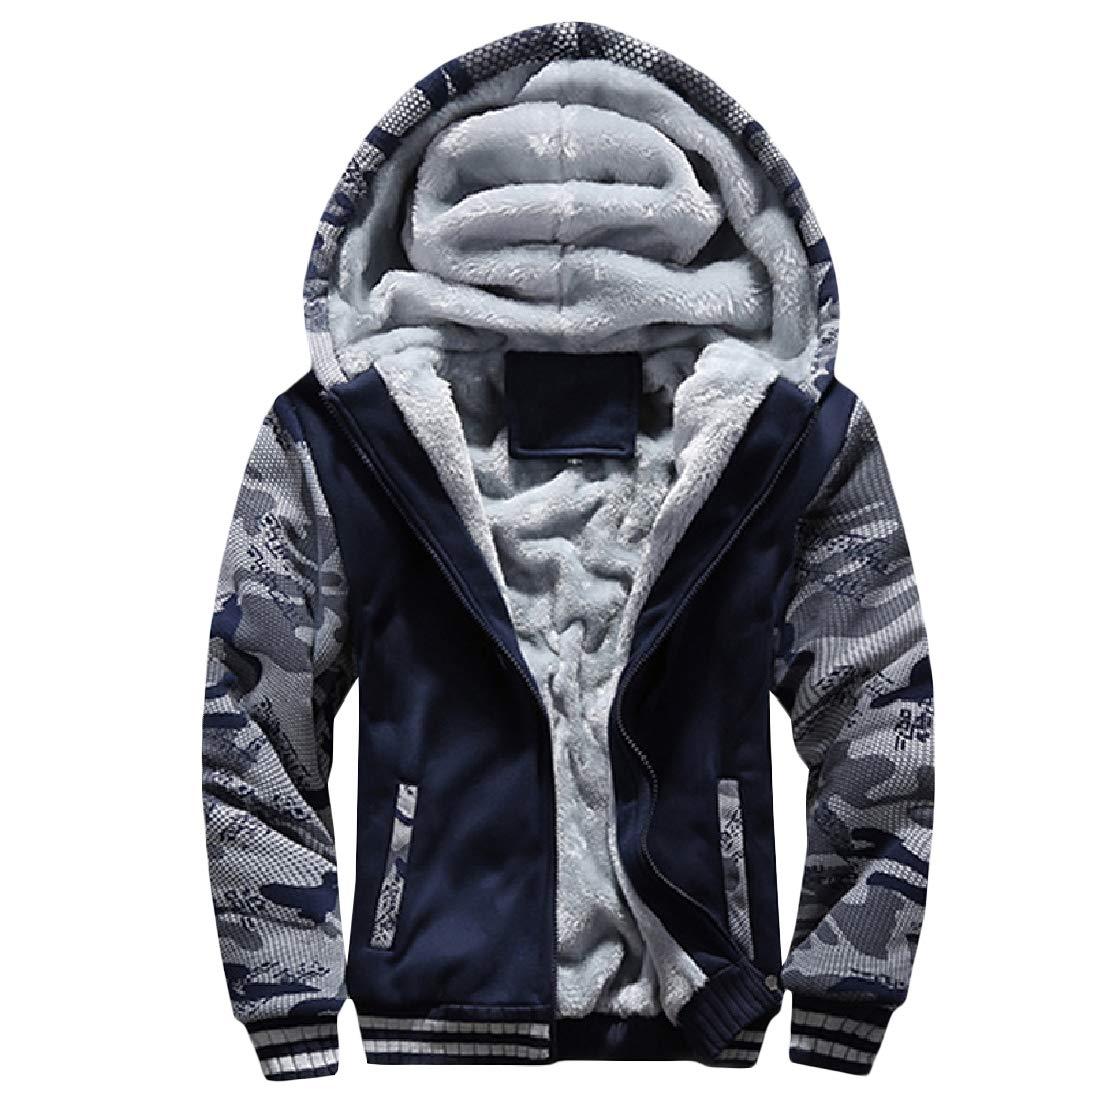 YUNY Men Warm Velvet Plus Size Patchwork Camo Hood Zip Sweatshirts Top Dark Blue S